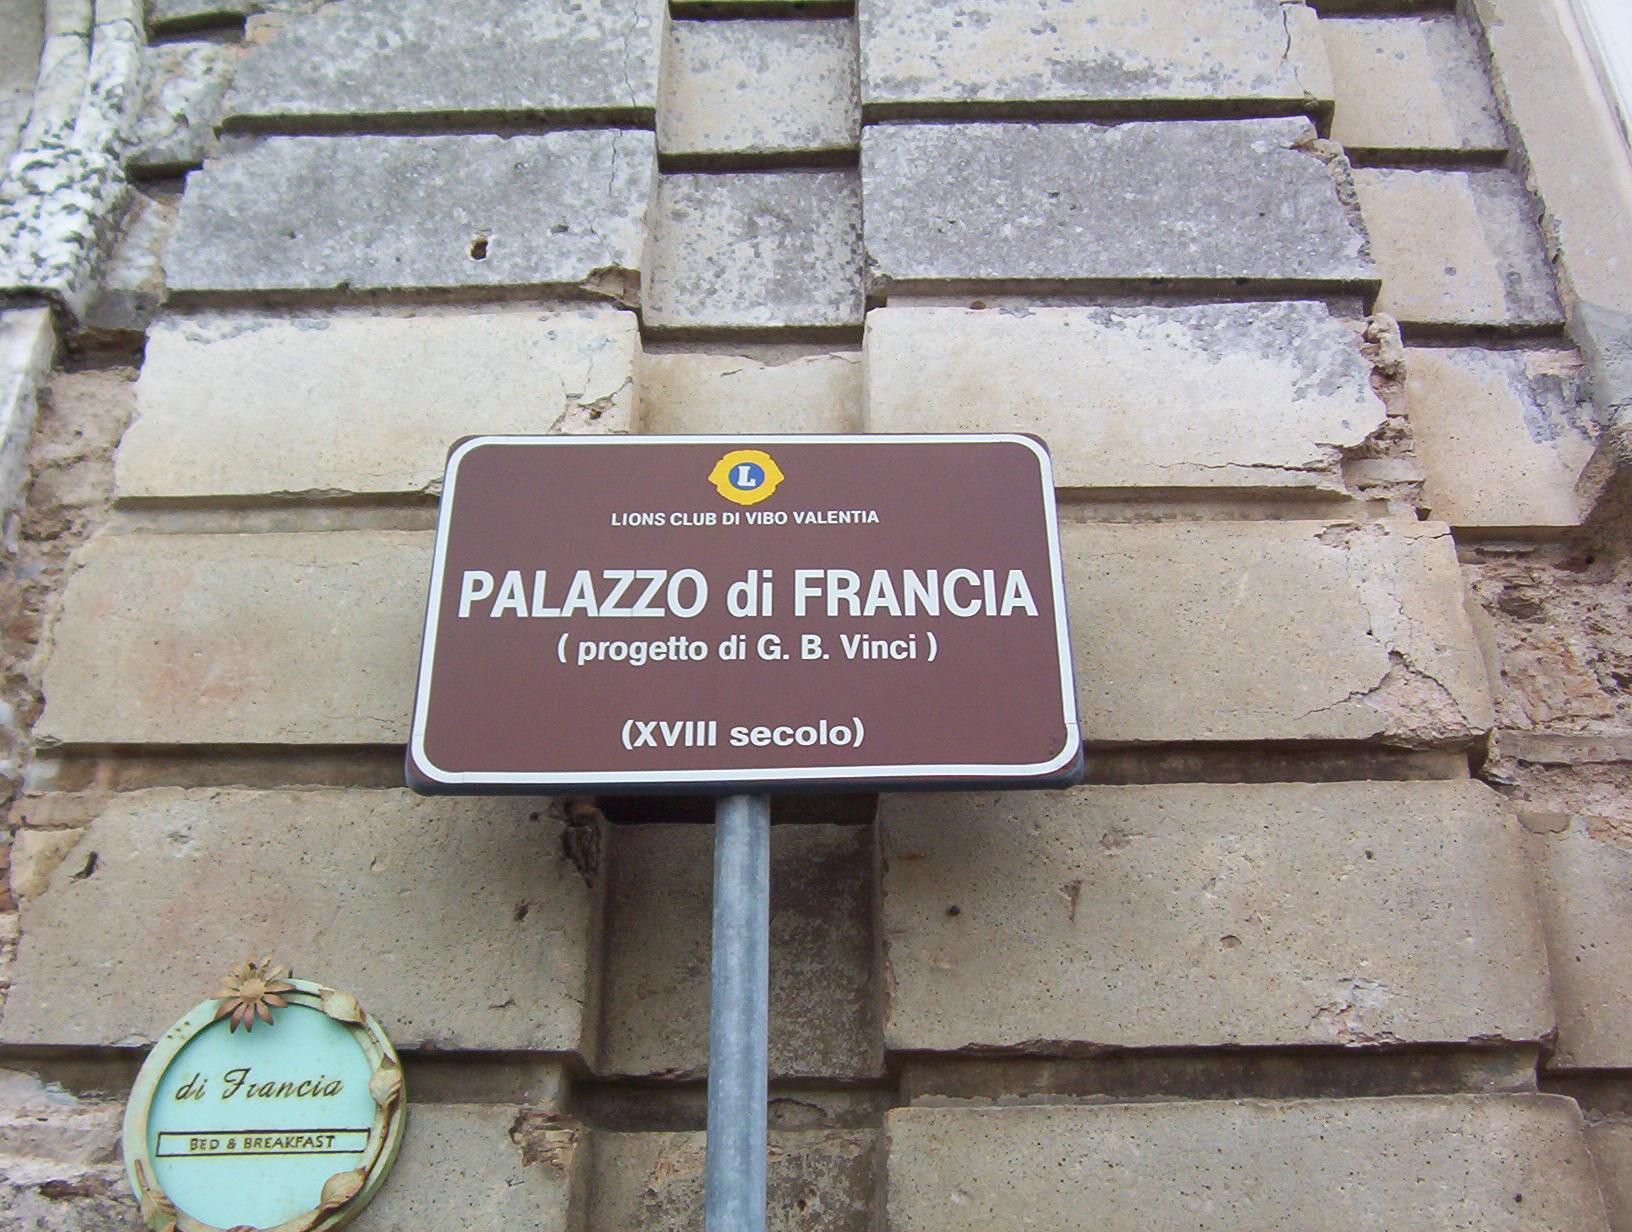 vibo-valentia-cartello-palazzo-di-francia